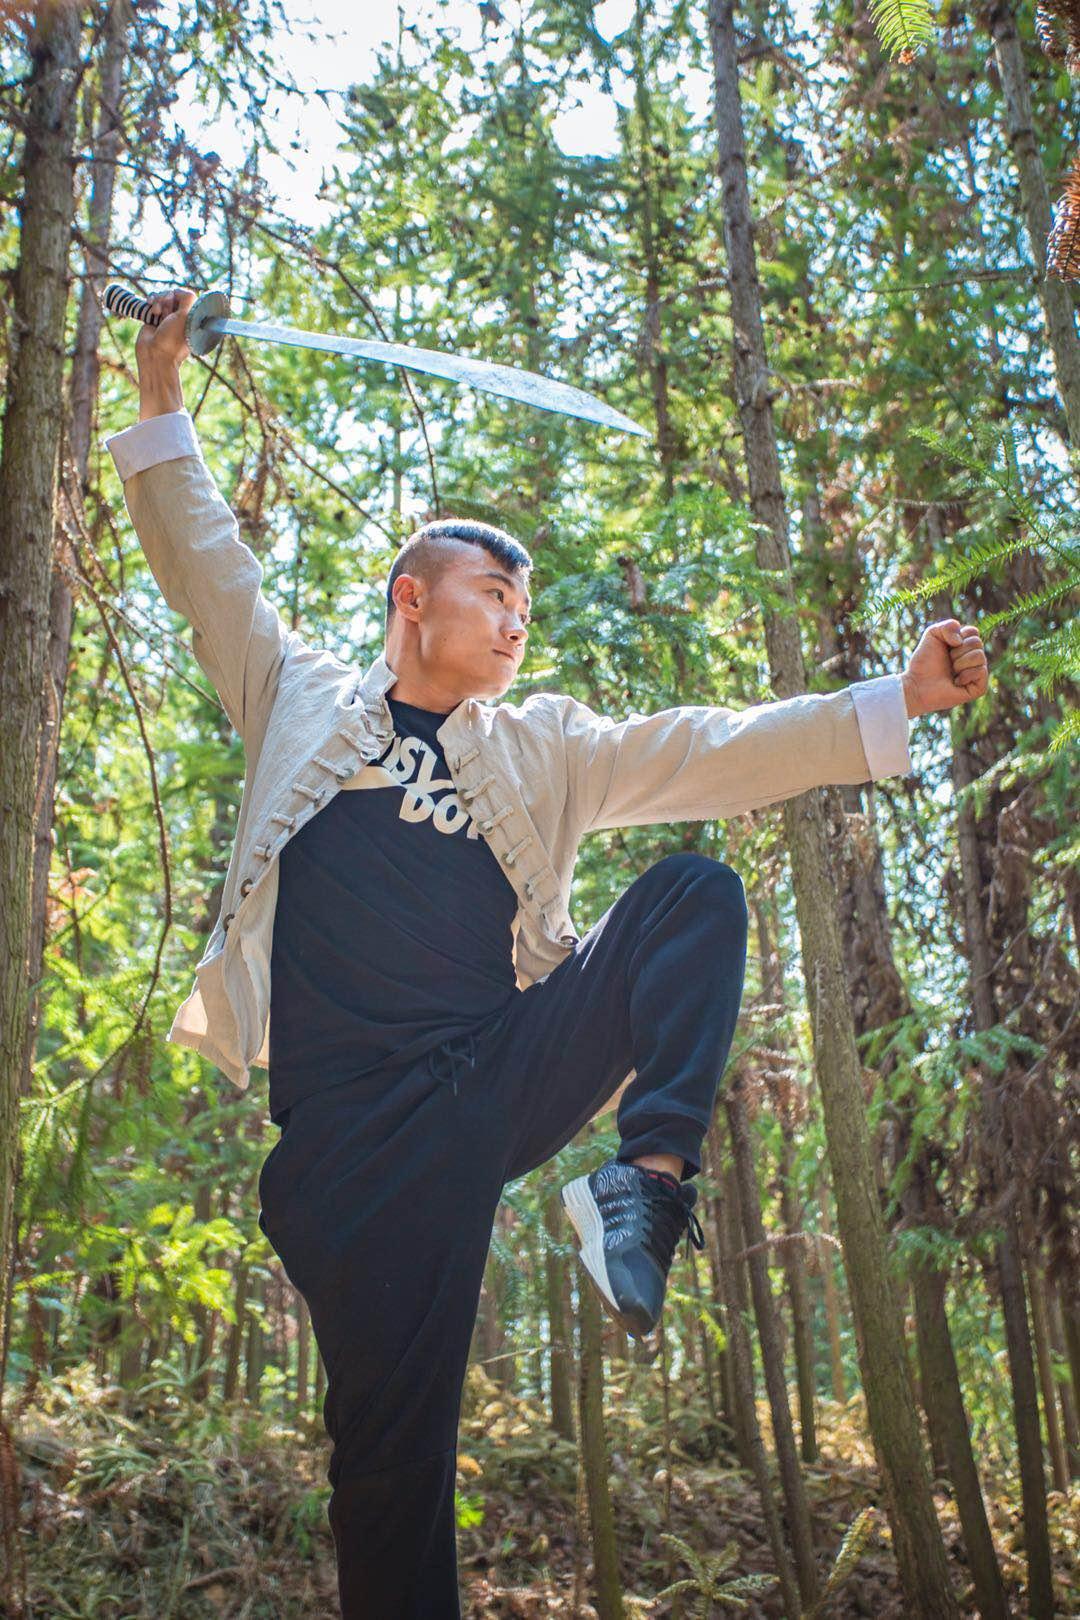 Shaolin Sword Master